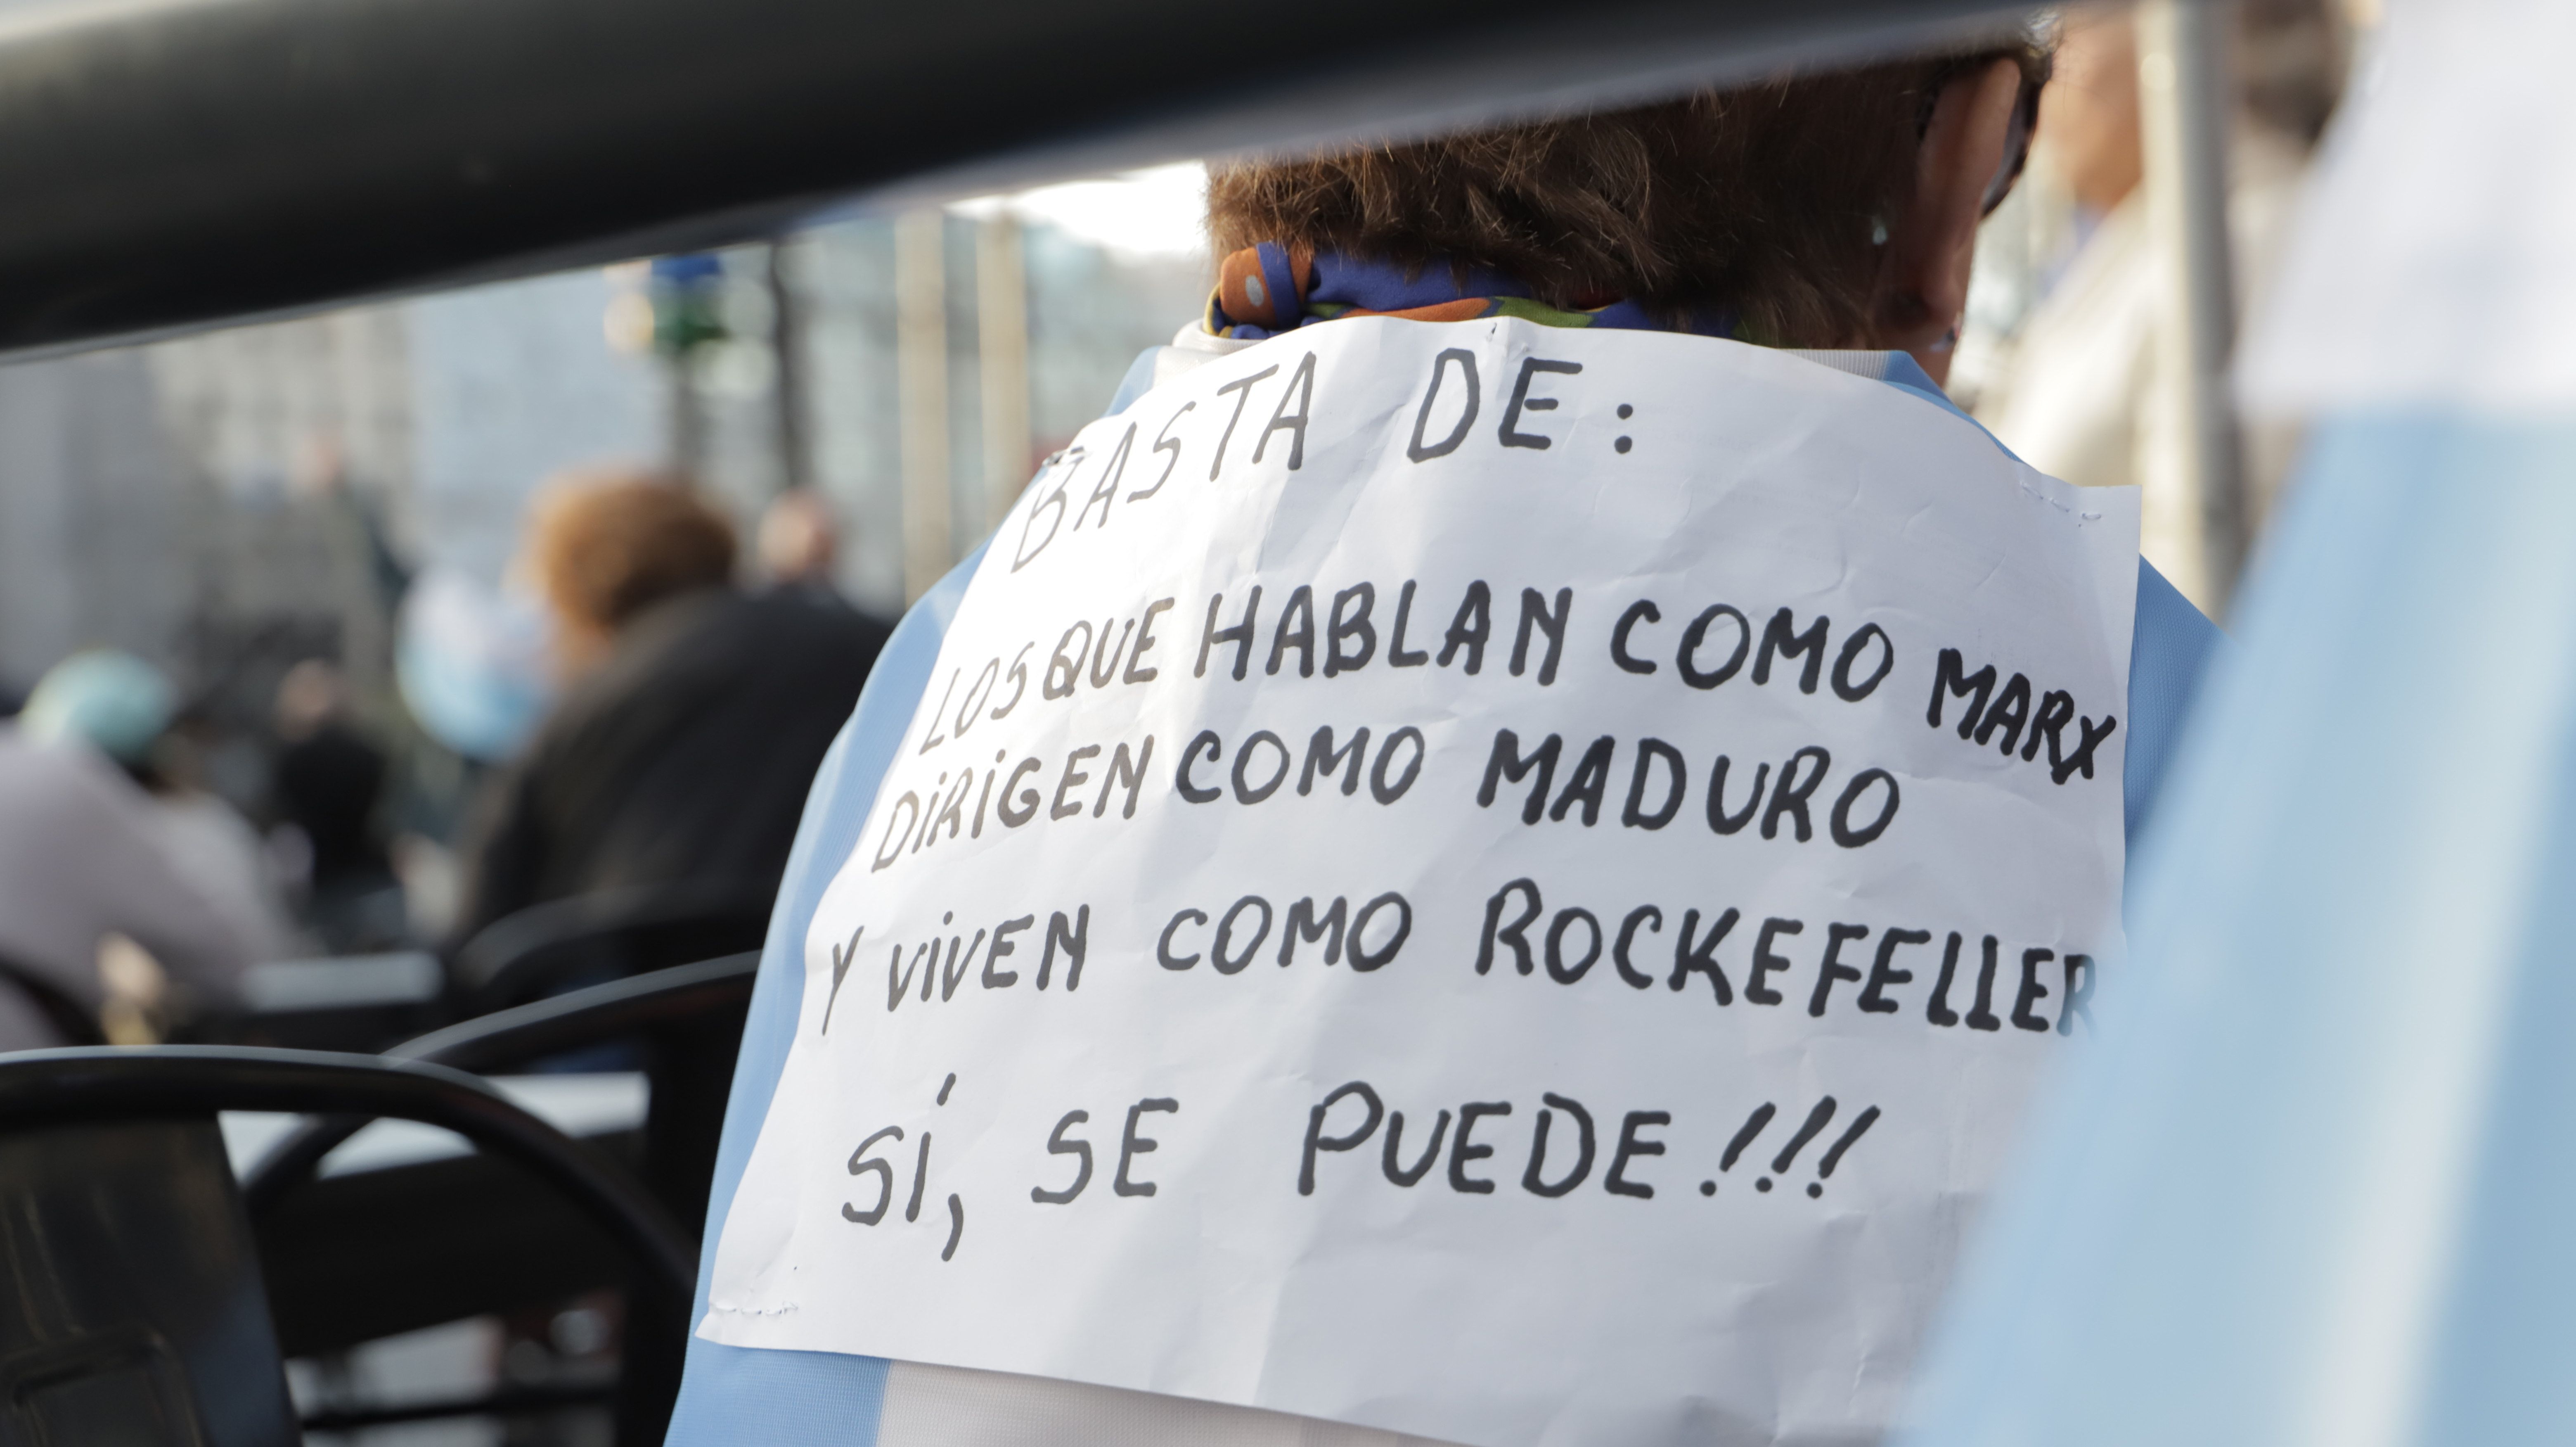 La recurrente alusión a Venezuela y a la corrupción, en alusión al kirchnerismo, en el cartel de un manifestante